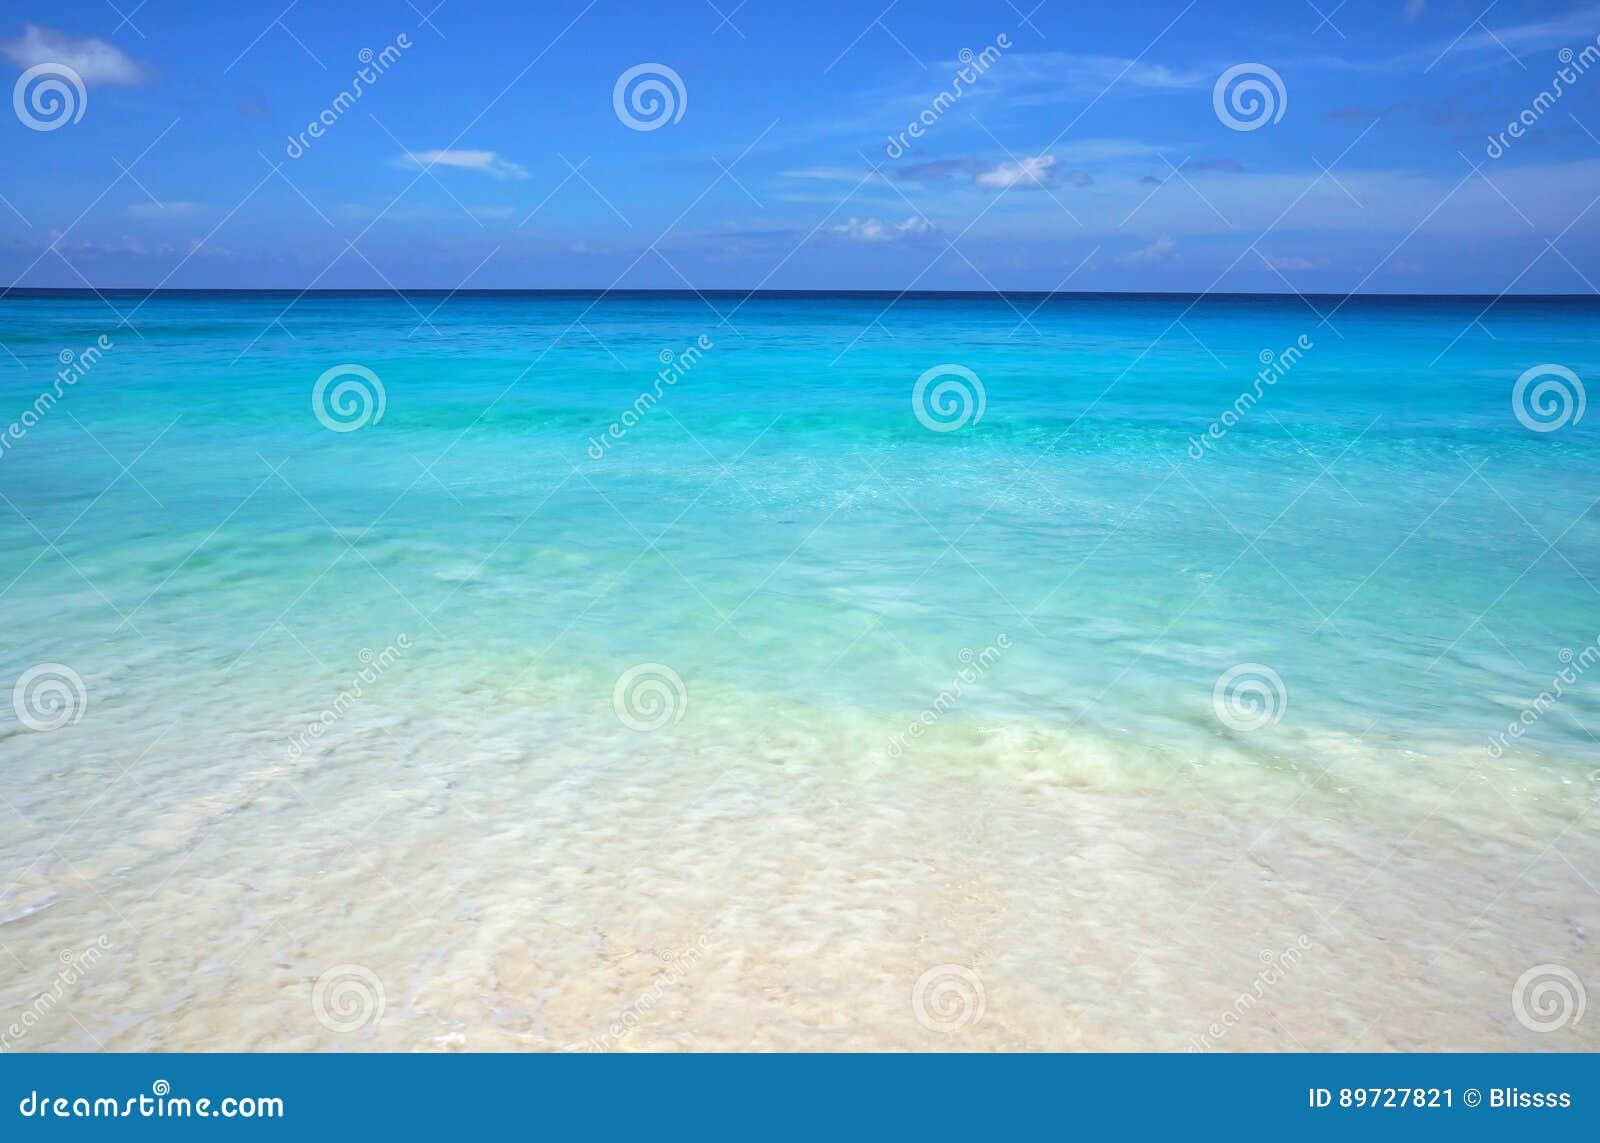 天蓝色的透明海洋水和蓝天风景海景  海滩沙子热带白色 海滨胜地田园诗风景